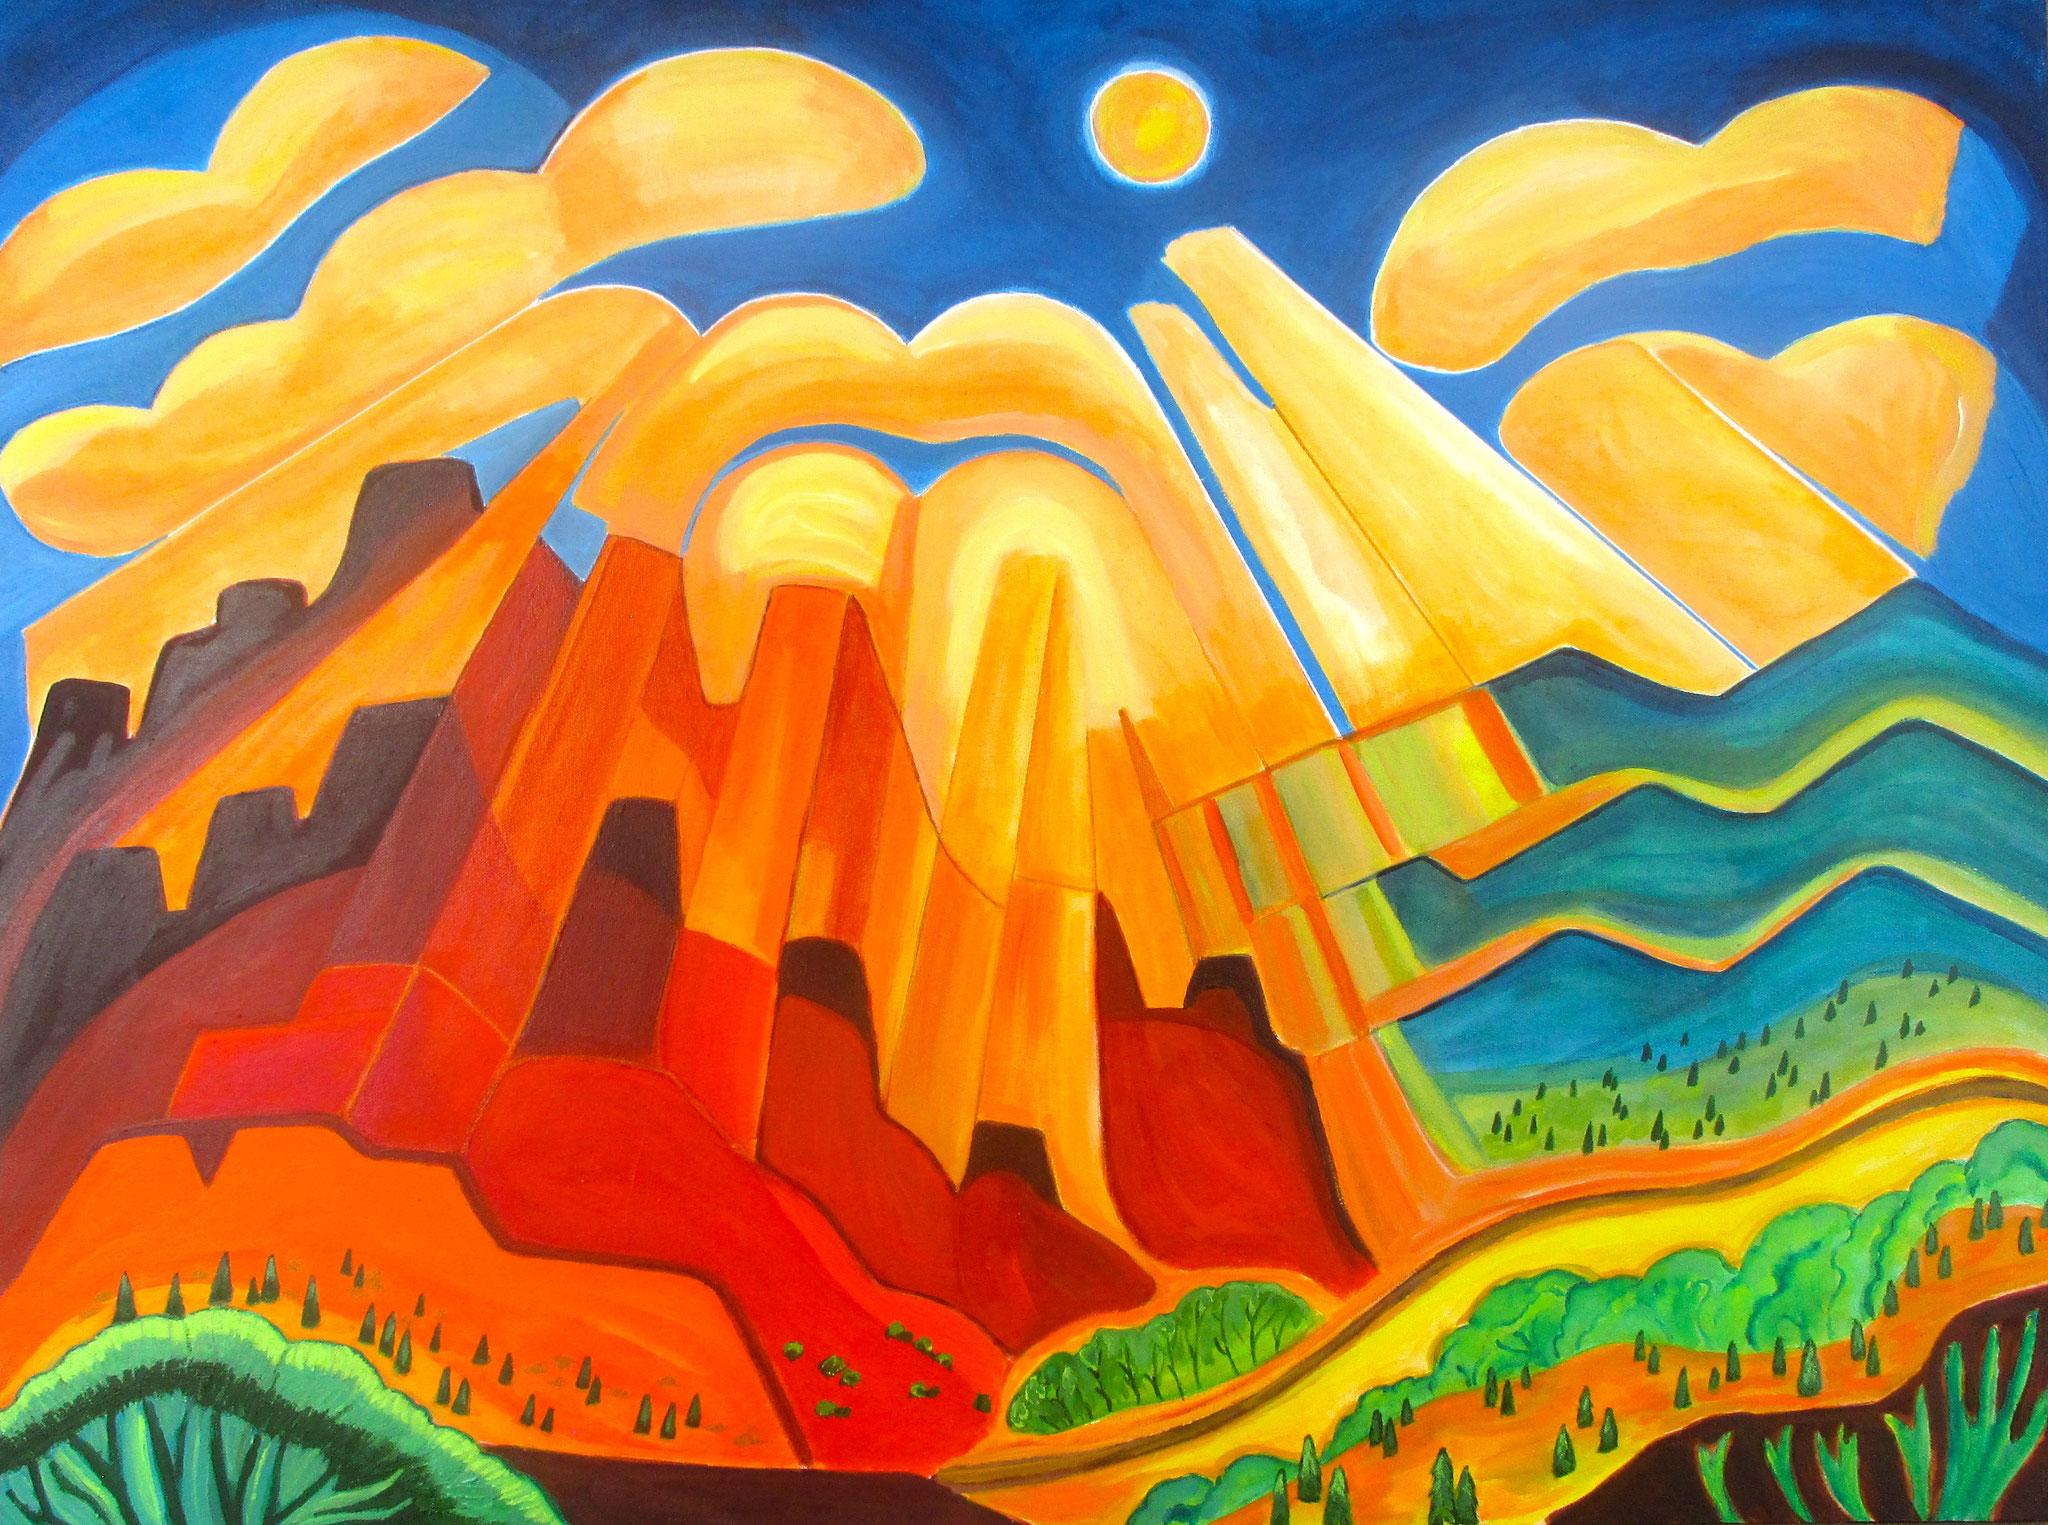 Honeysuckle Clouds, acrylic on canvas, 40 x 30